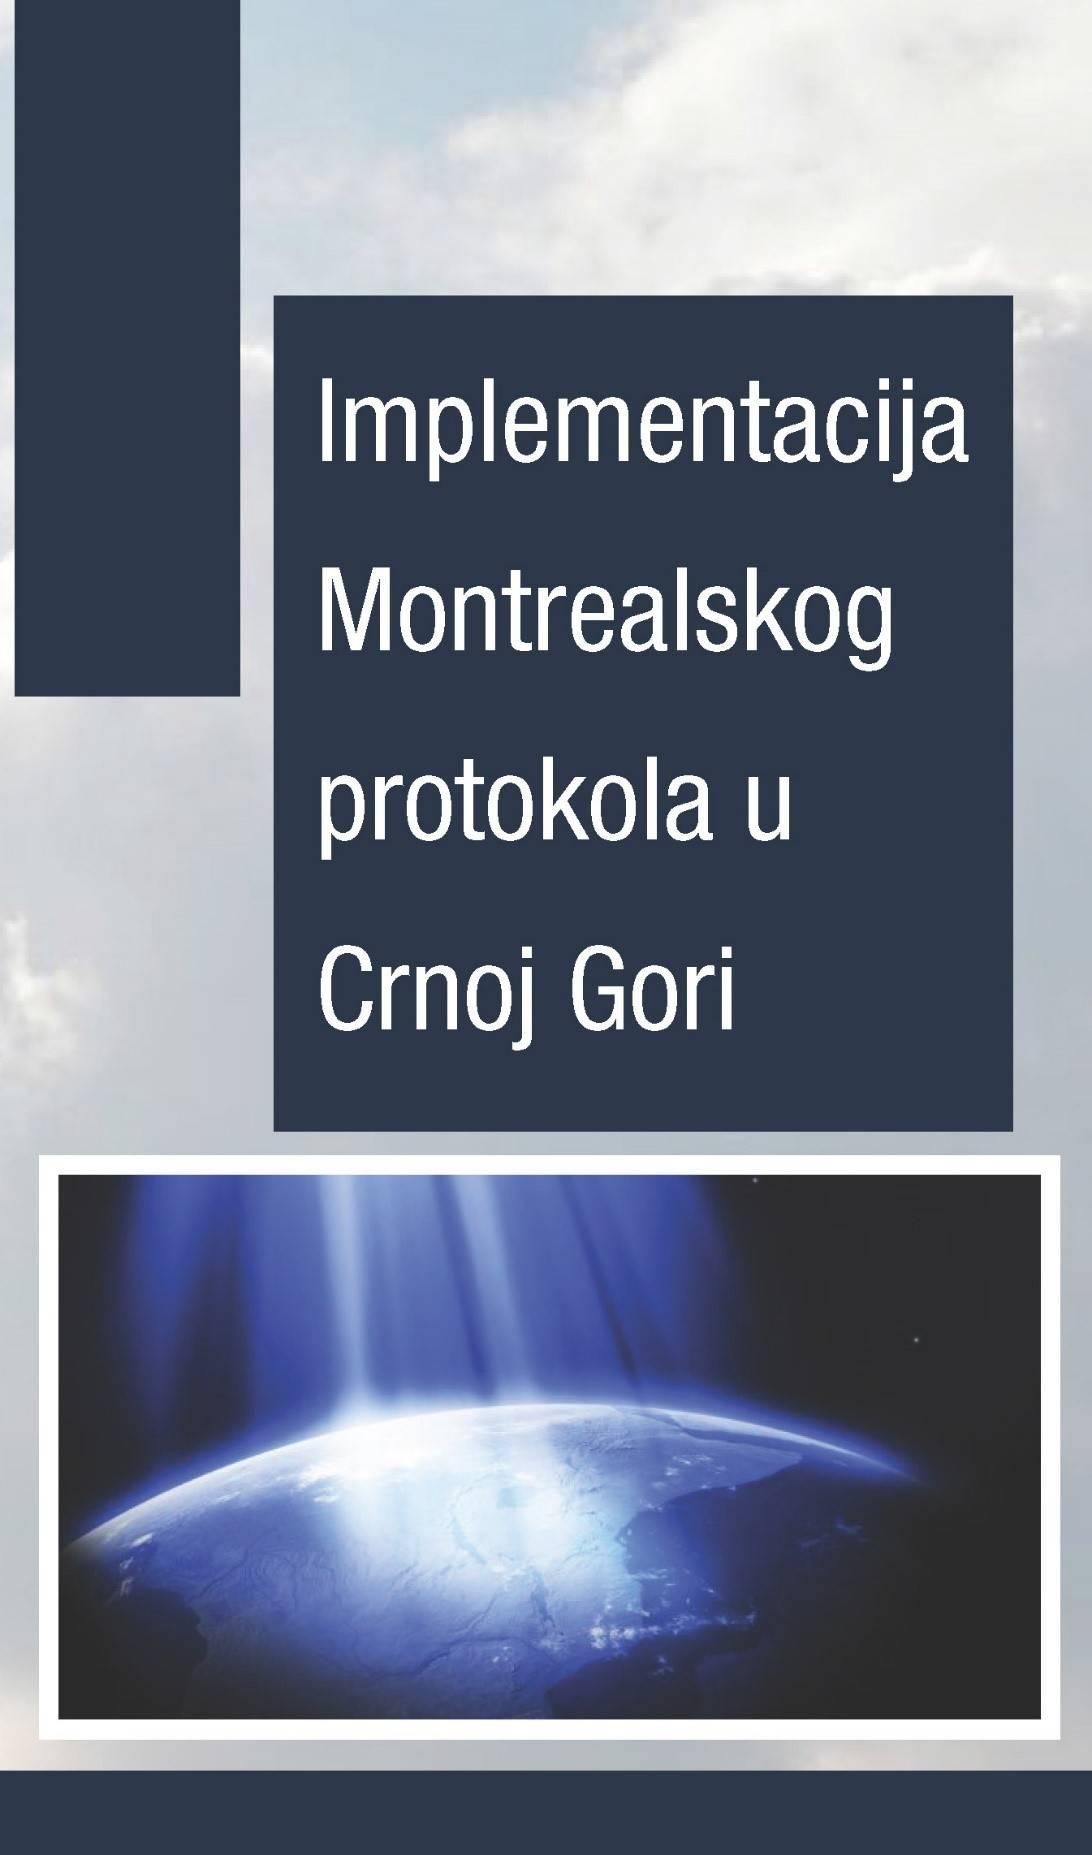 Implementacija Montrealskog protokola u Crnoj Gori